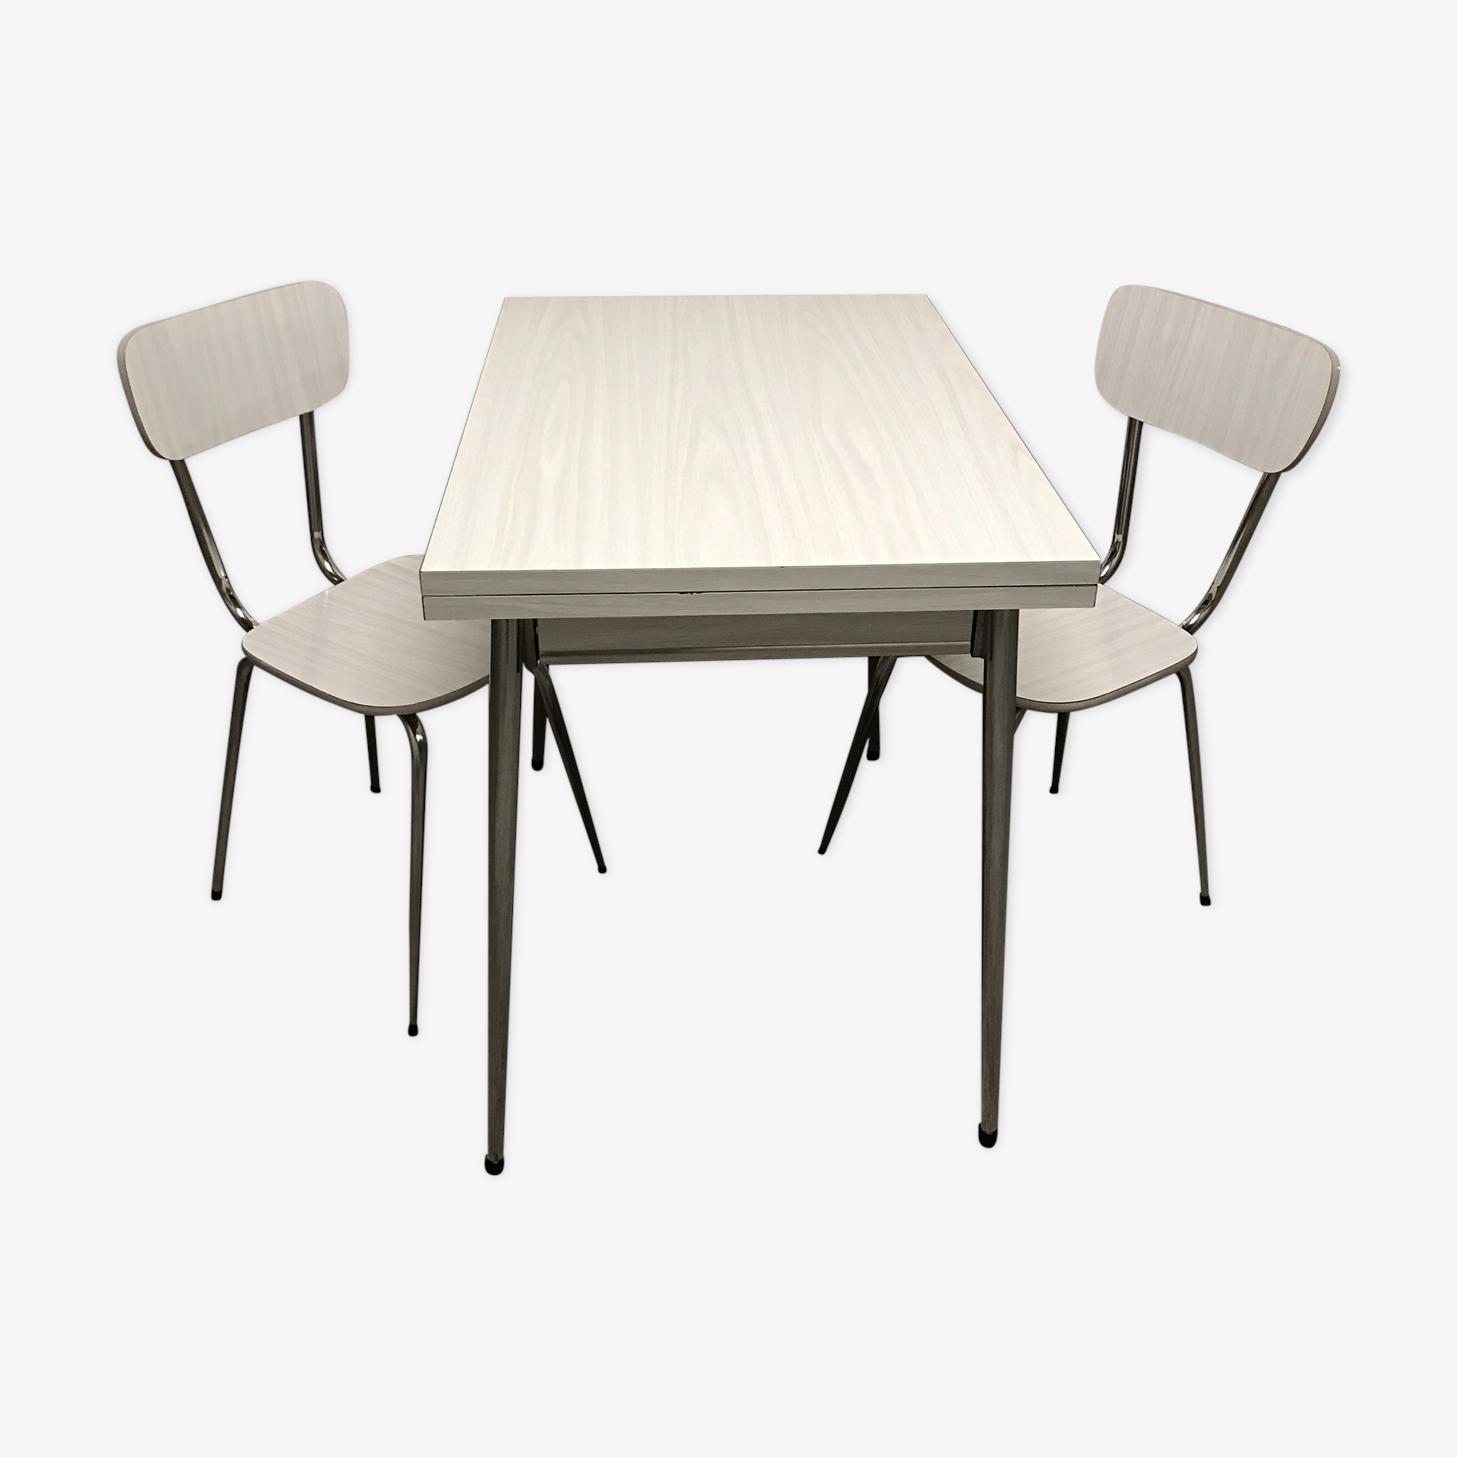 Table formica blanche strillée grise avec 2 chaises années 60